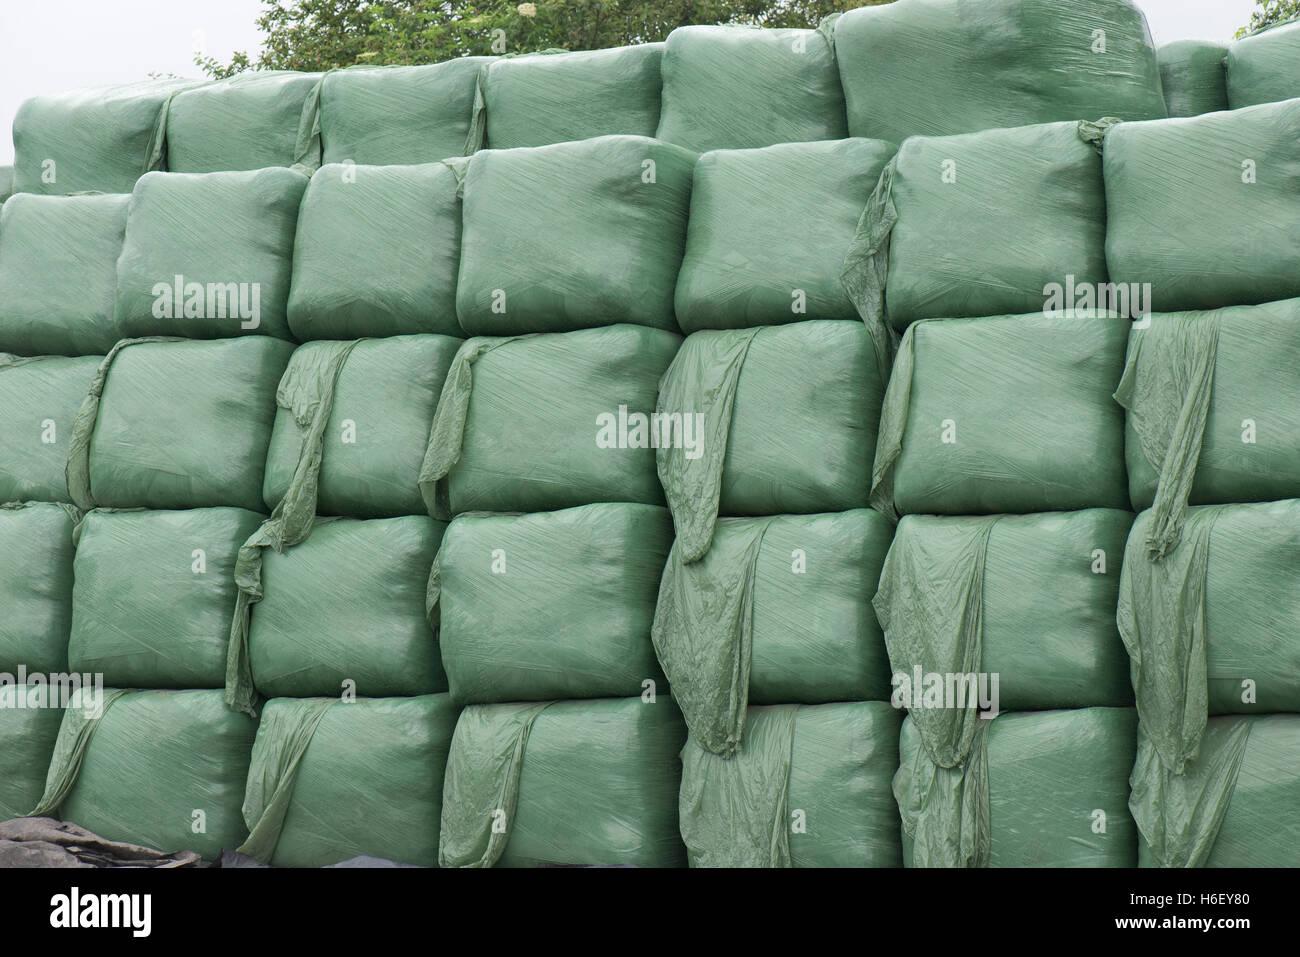 Piazza avvolti in plastica Sacchi di silaggio per bestiame foraggio invernale, Hampshire, Giugno Immagini Stock